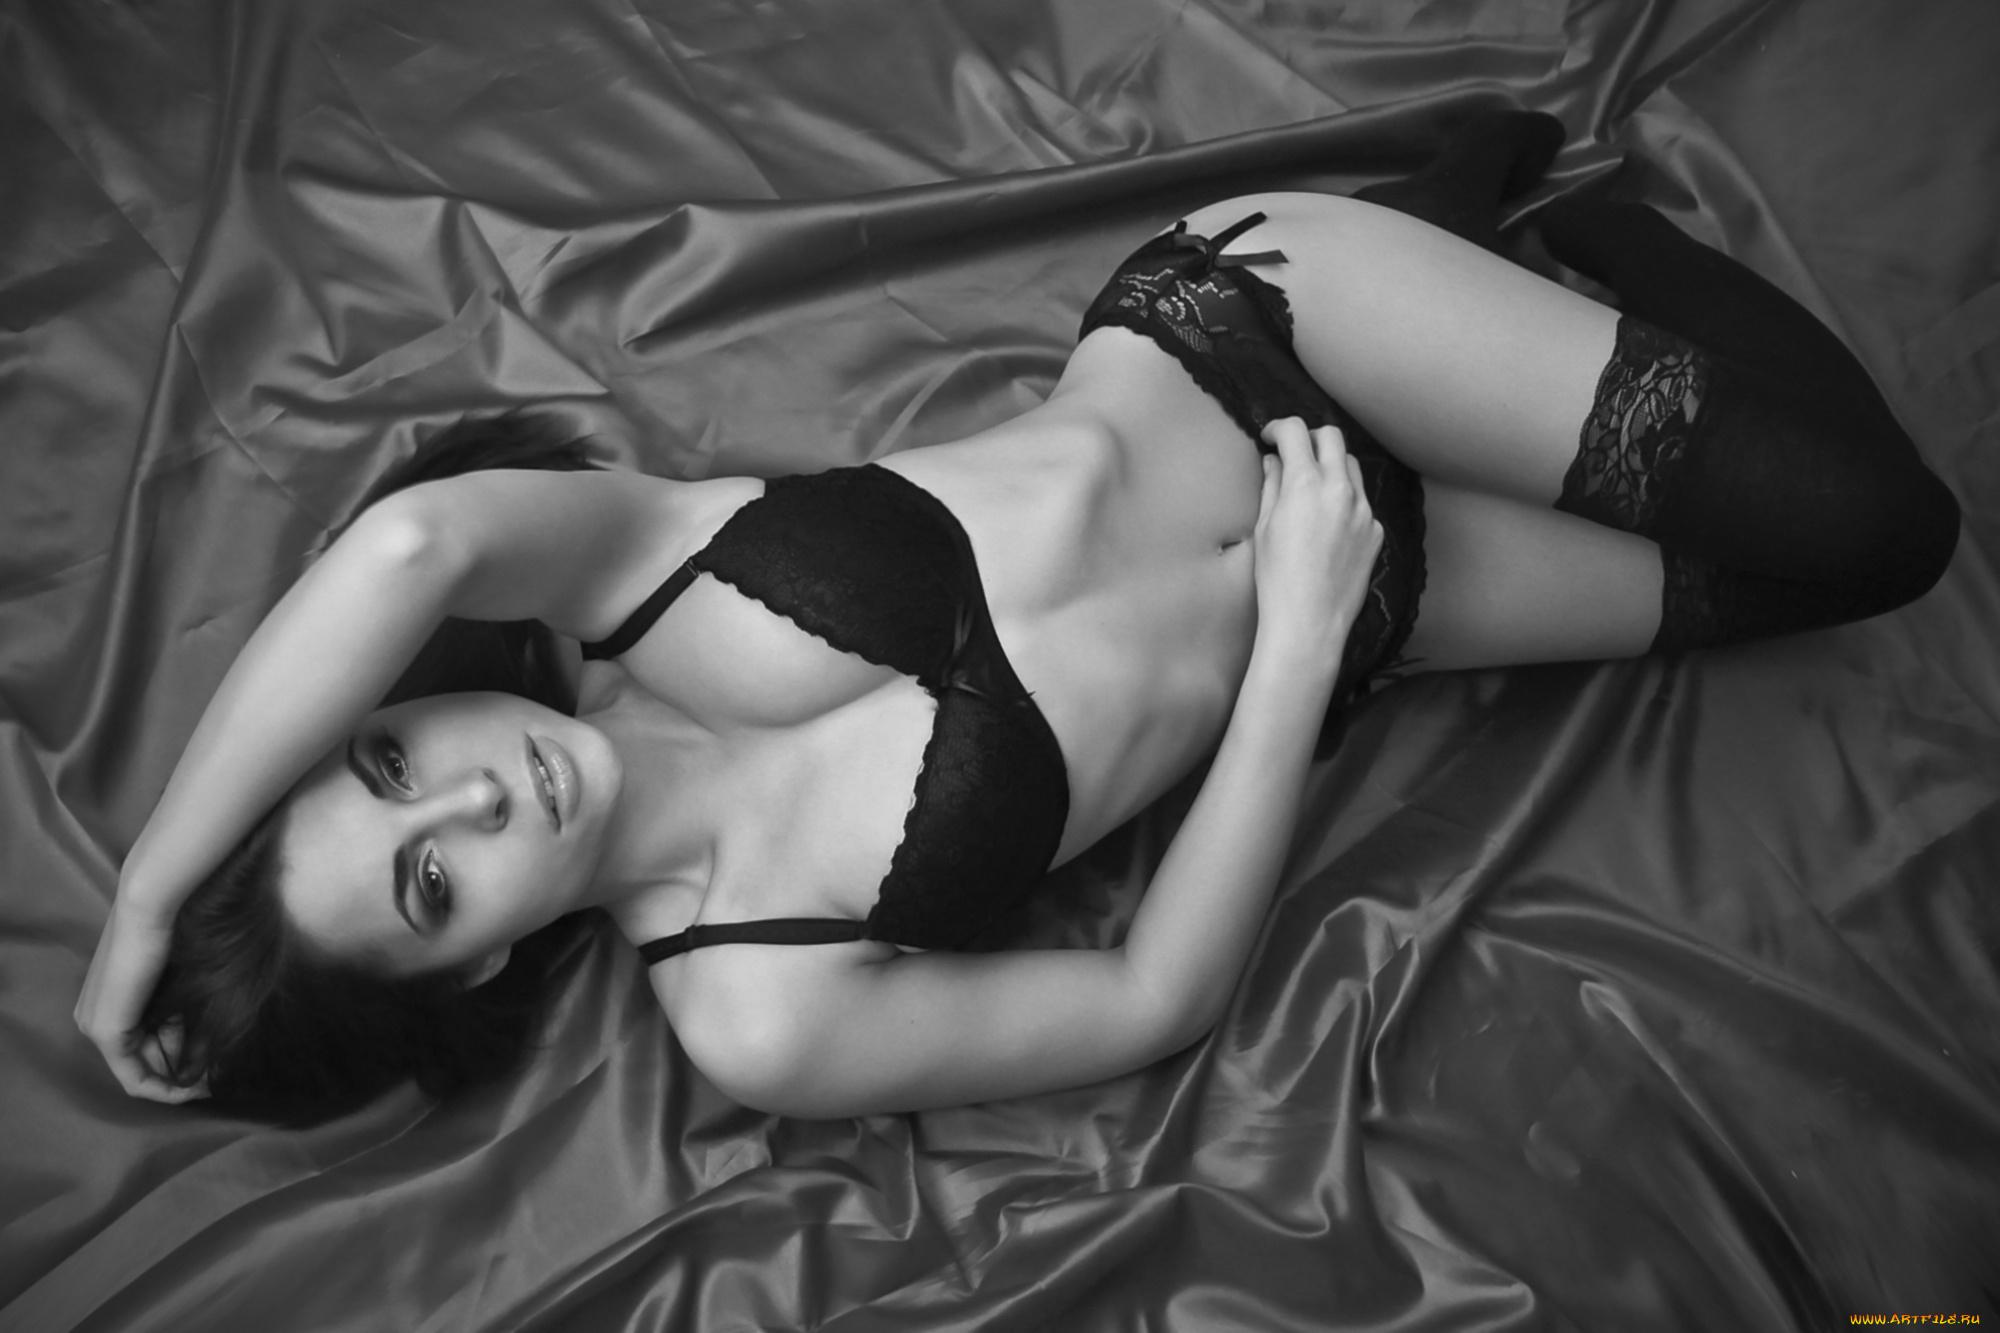 Молодая брюнетка сосет член и ерзает на кровати в нижнем белье  650195